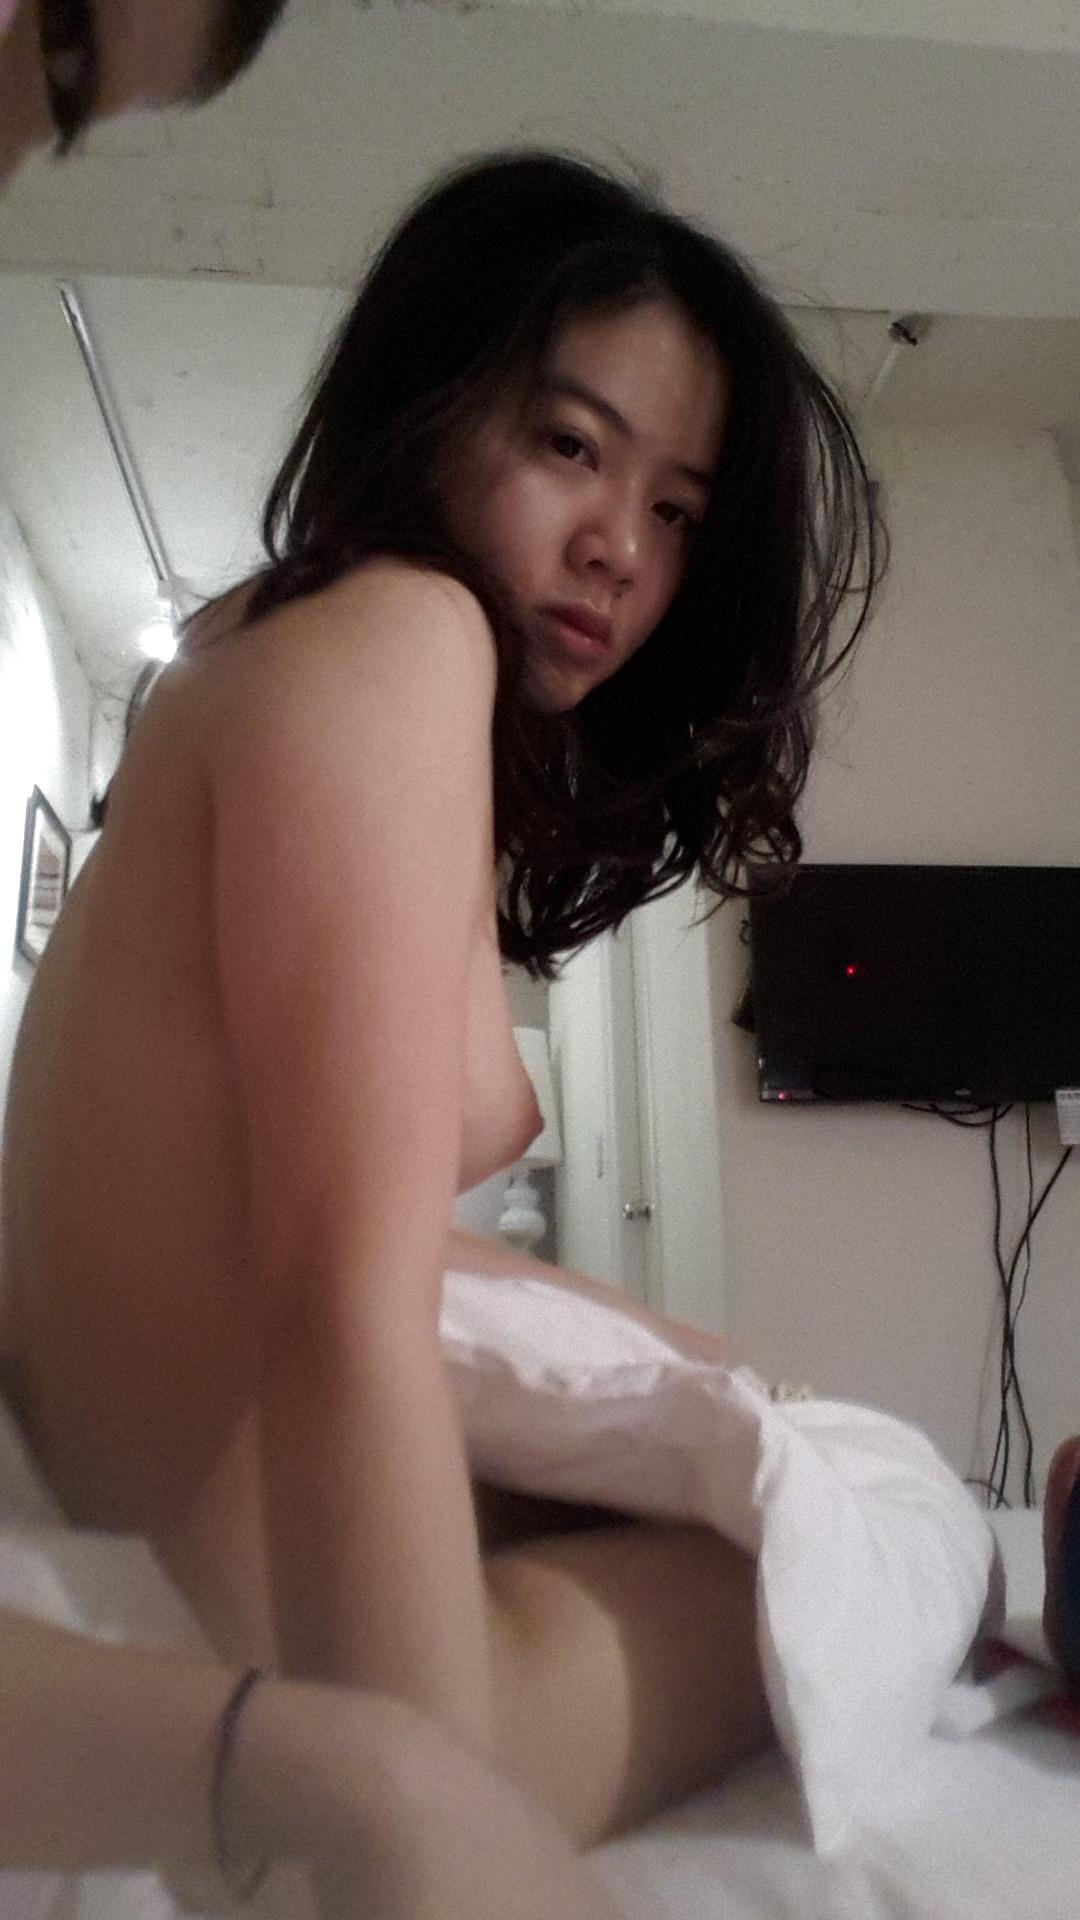 Пьяная вьетнамка гладит свою вагину перед вебкой